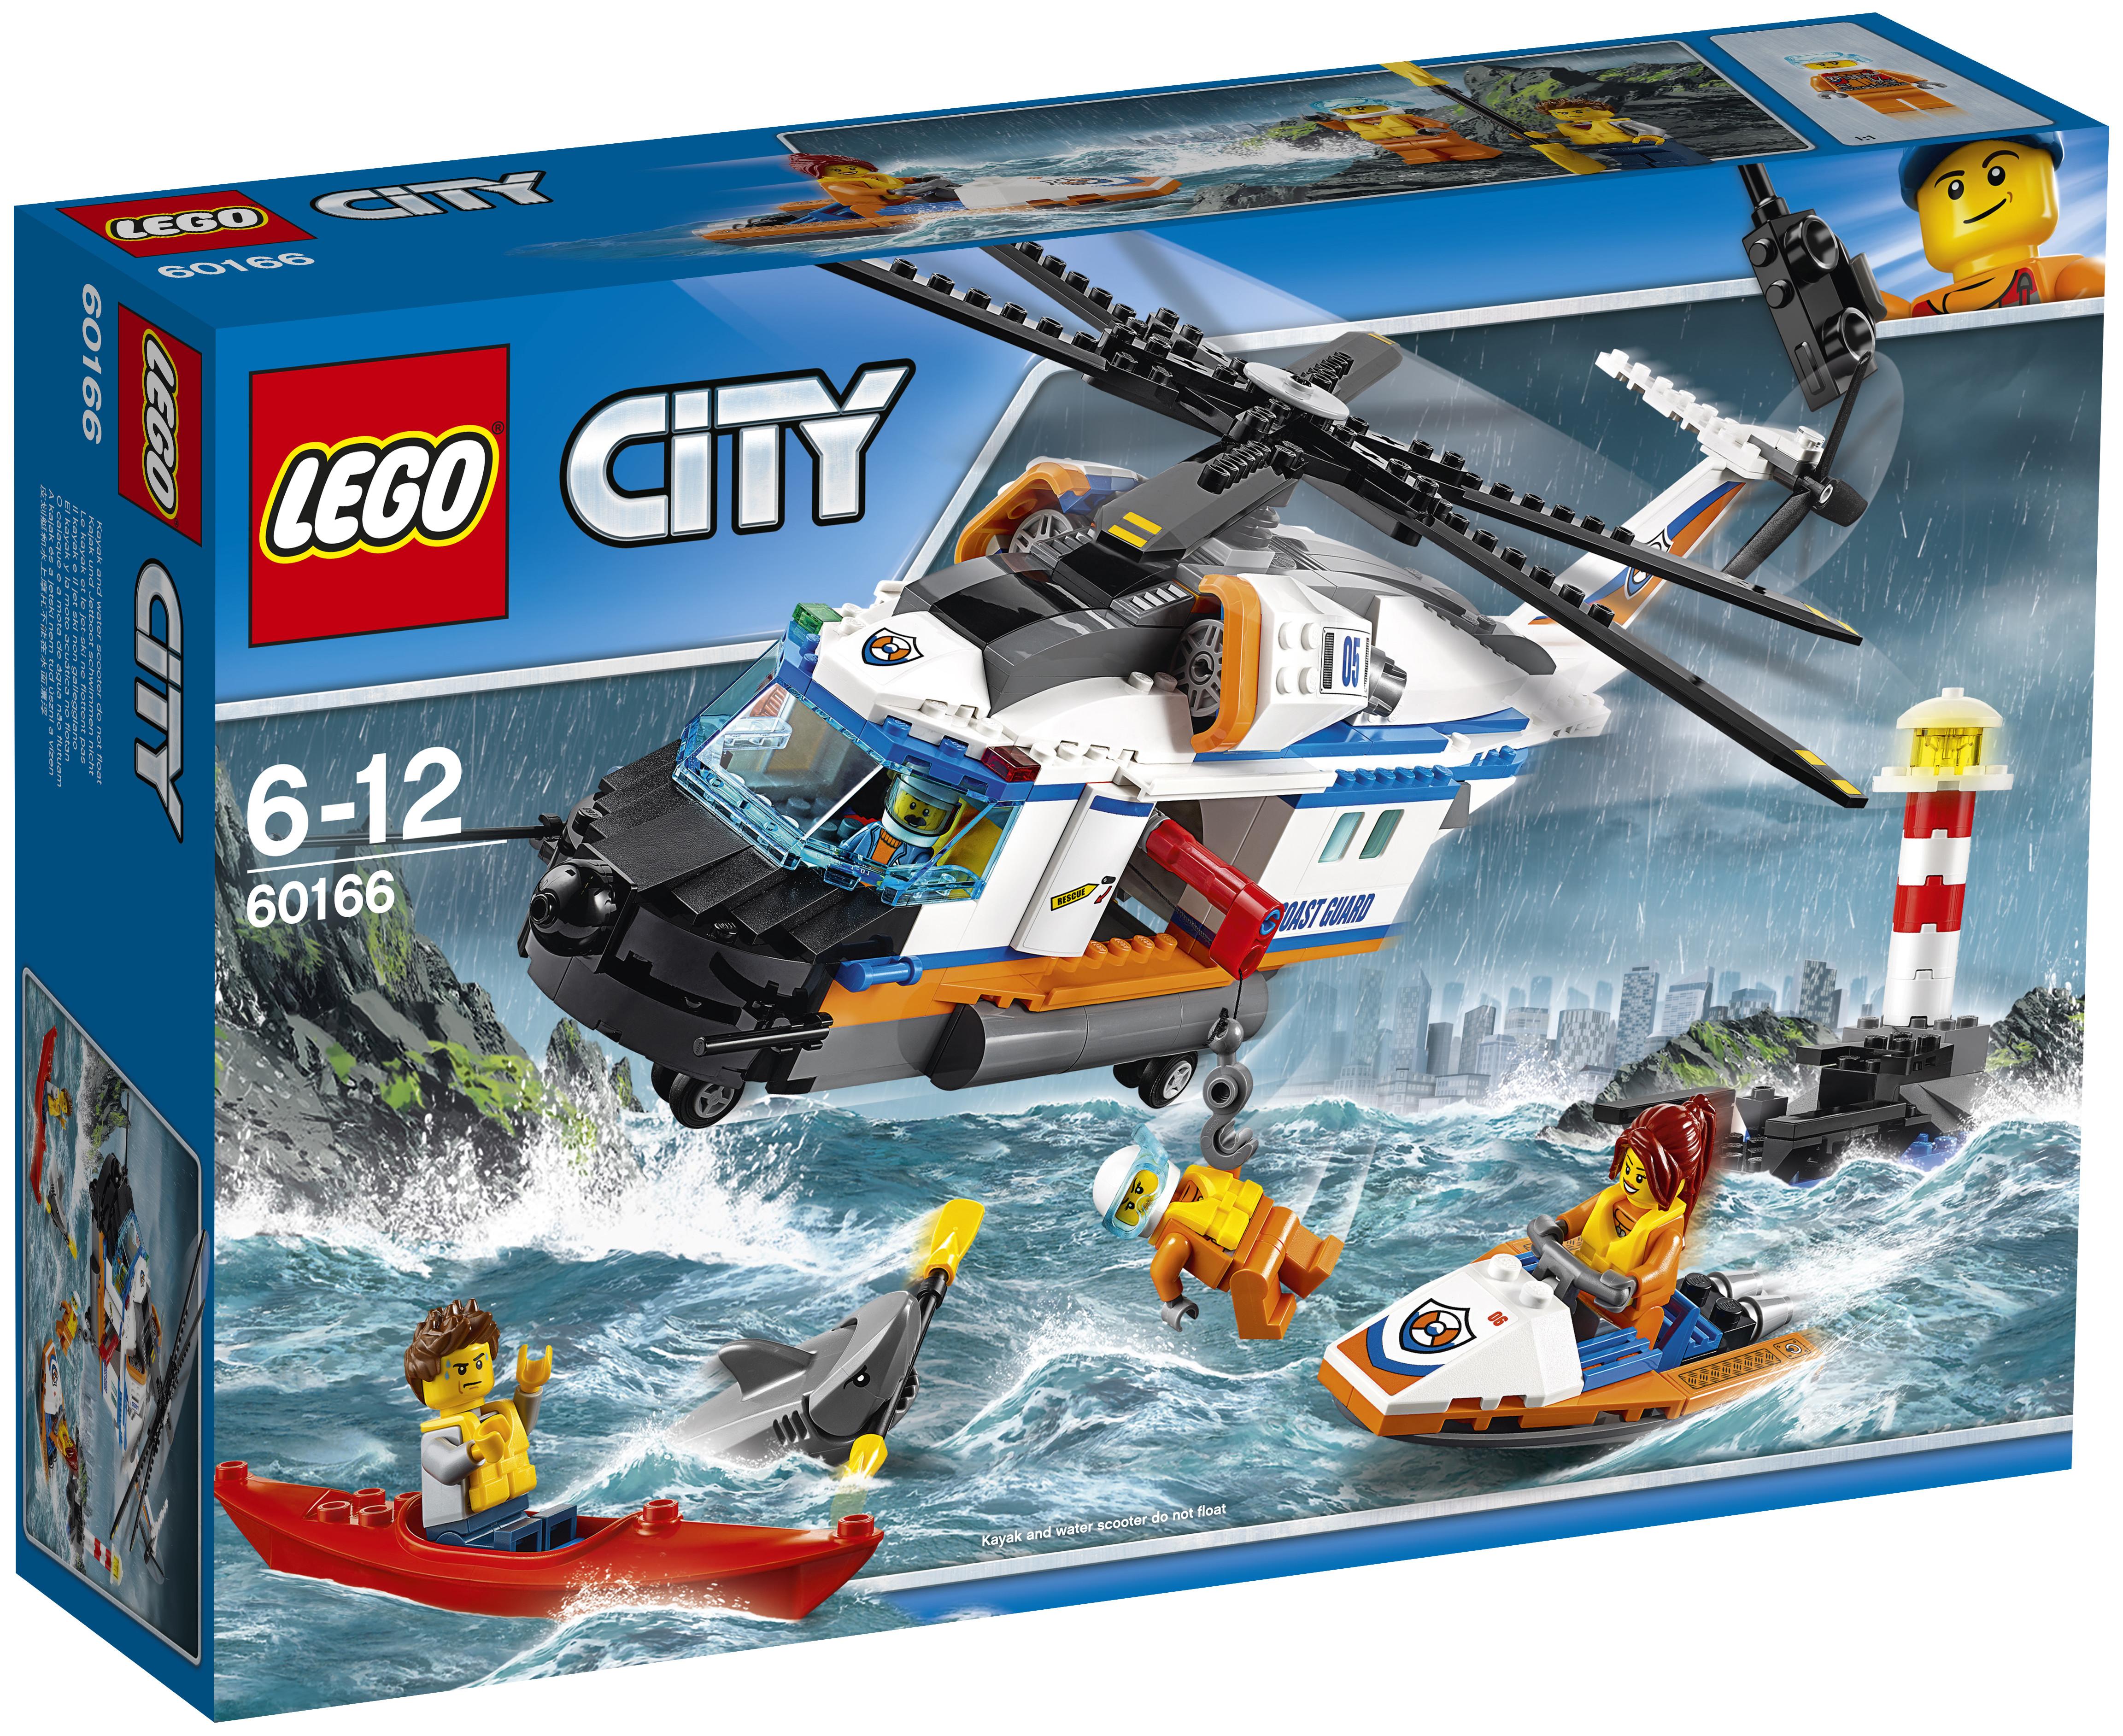 LEGO LEGO Конструктор LEGO City Coast Guard 60166 Сверхмощный спасательный вертолёт lego lego city 60080 космодром